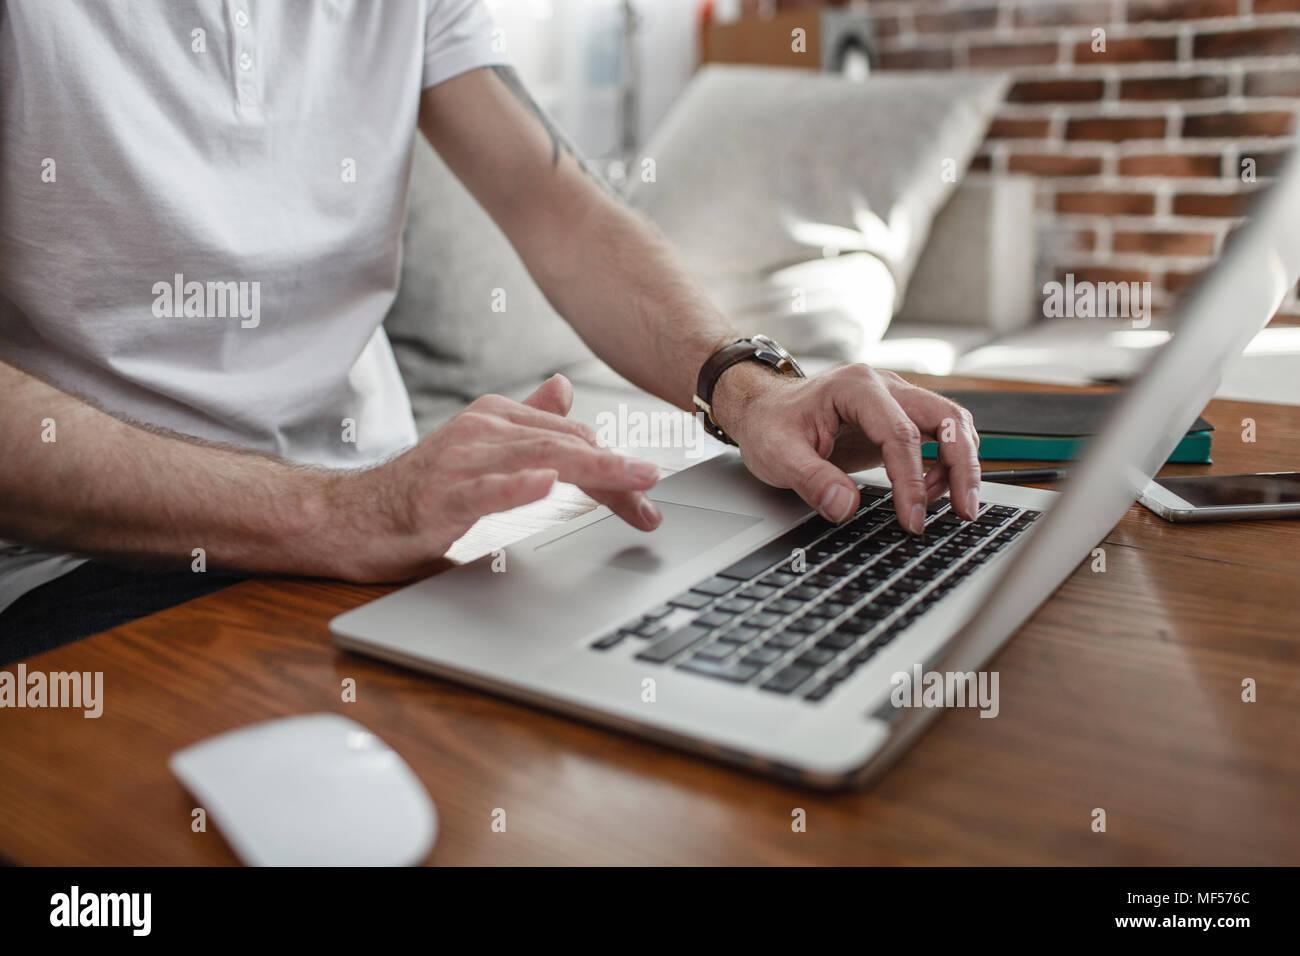 Las manos del hombre en el teclado y el touchpad del portátil, vista parcial Imagen De Stock